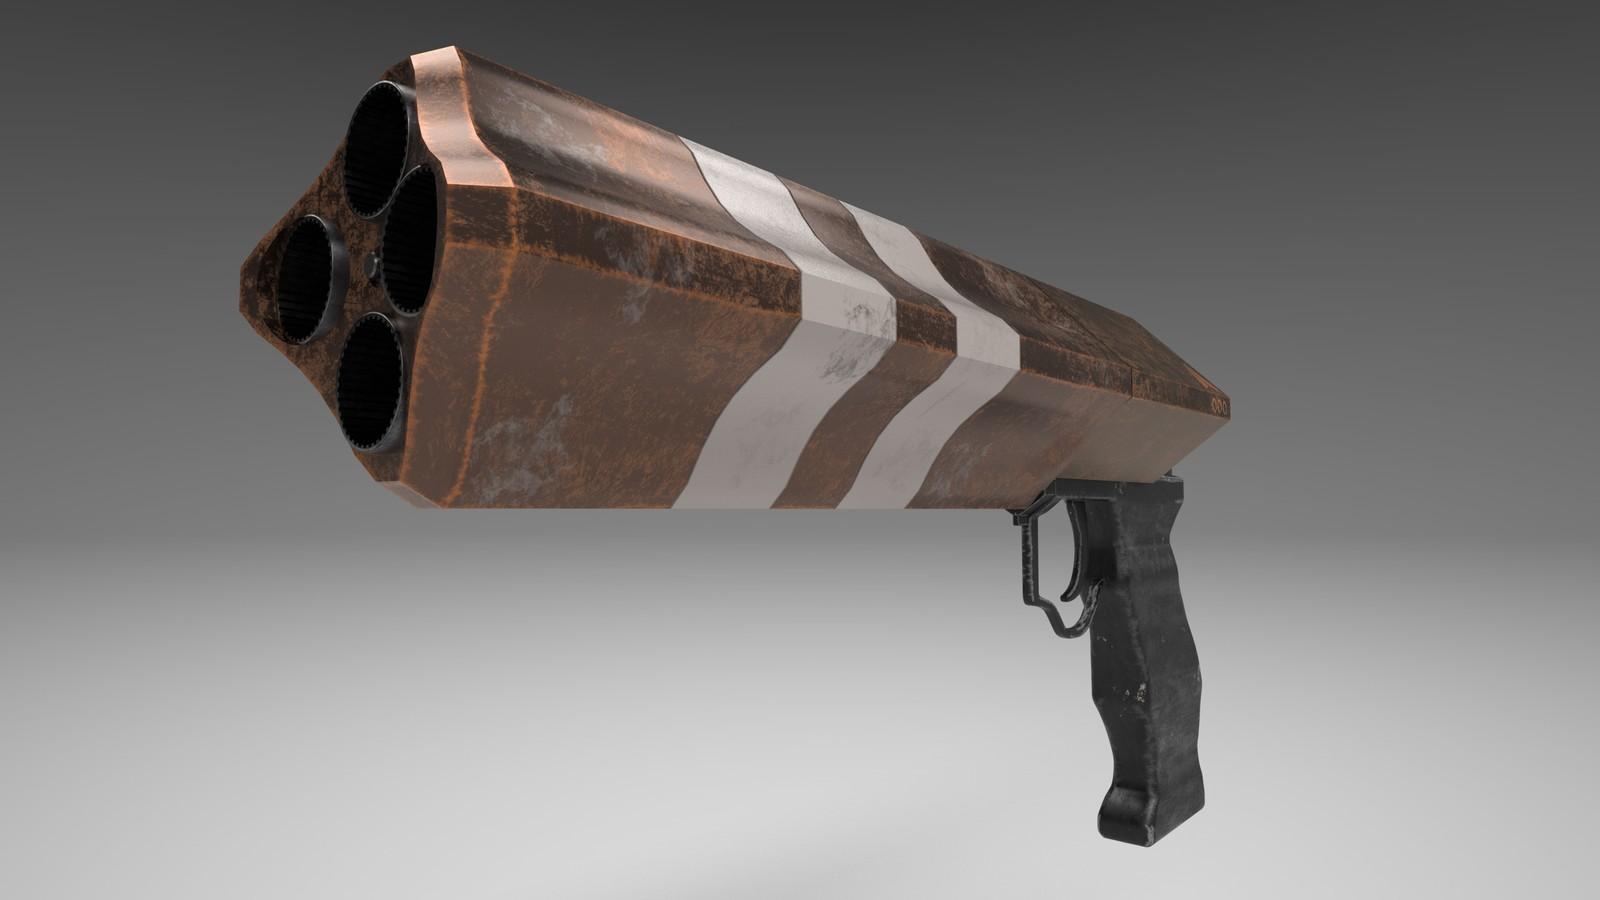 Quadrifoglio Rivoltella - Destiny 2 Handcannon